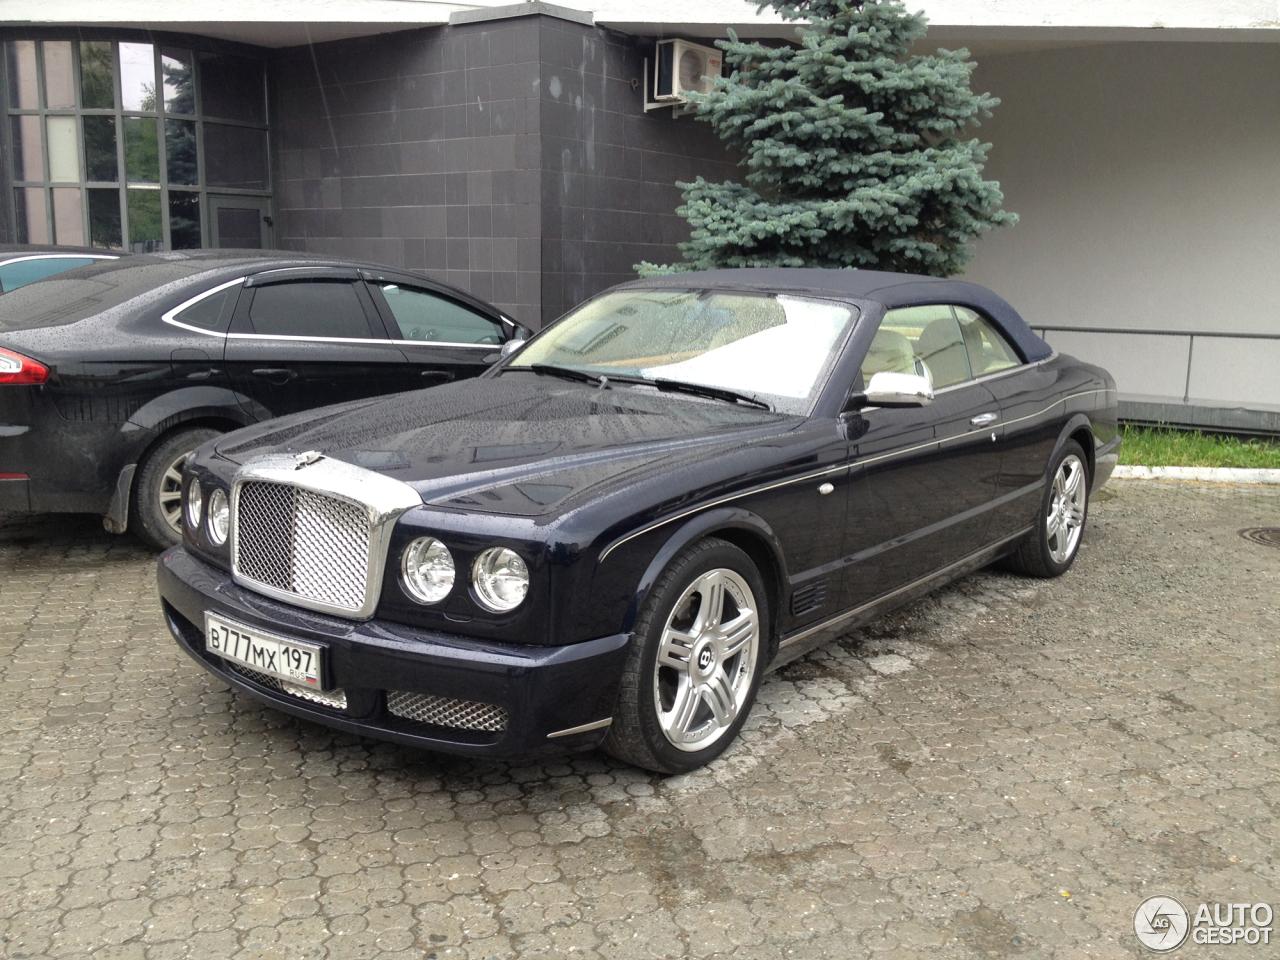 Bentley brooklands 2008 27 june 2015 autogespot 1 i bentley brooklands 2008 1 vanachro Choice Image